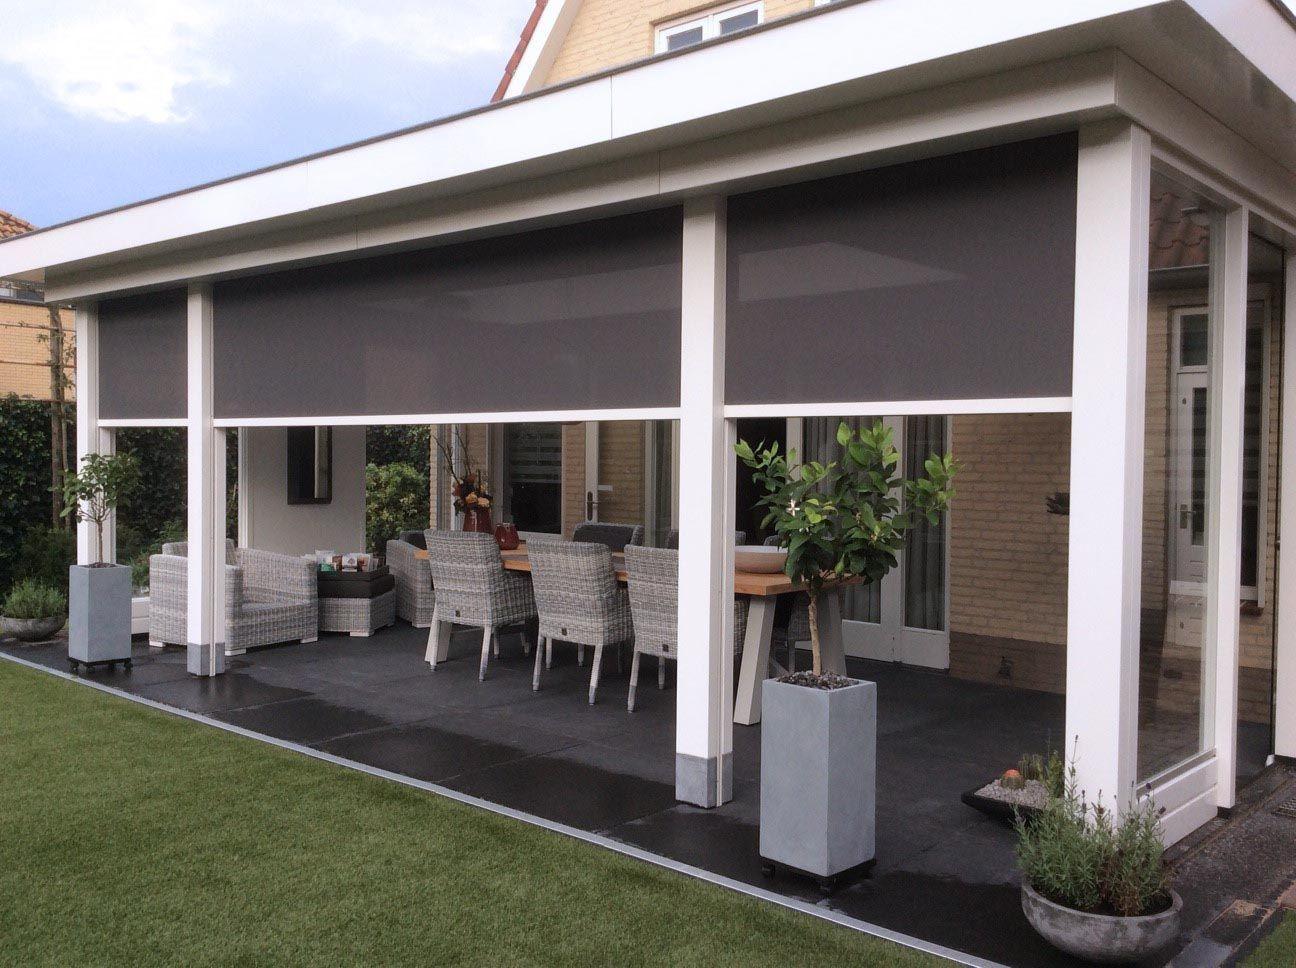 Pin By Garten On Verandas In 2020 Backyard Patio Designs Backyard Patio Balcony Decor